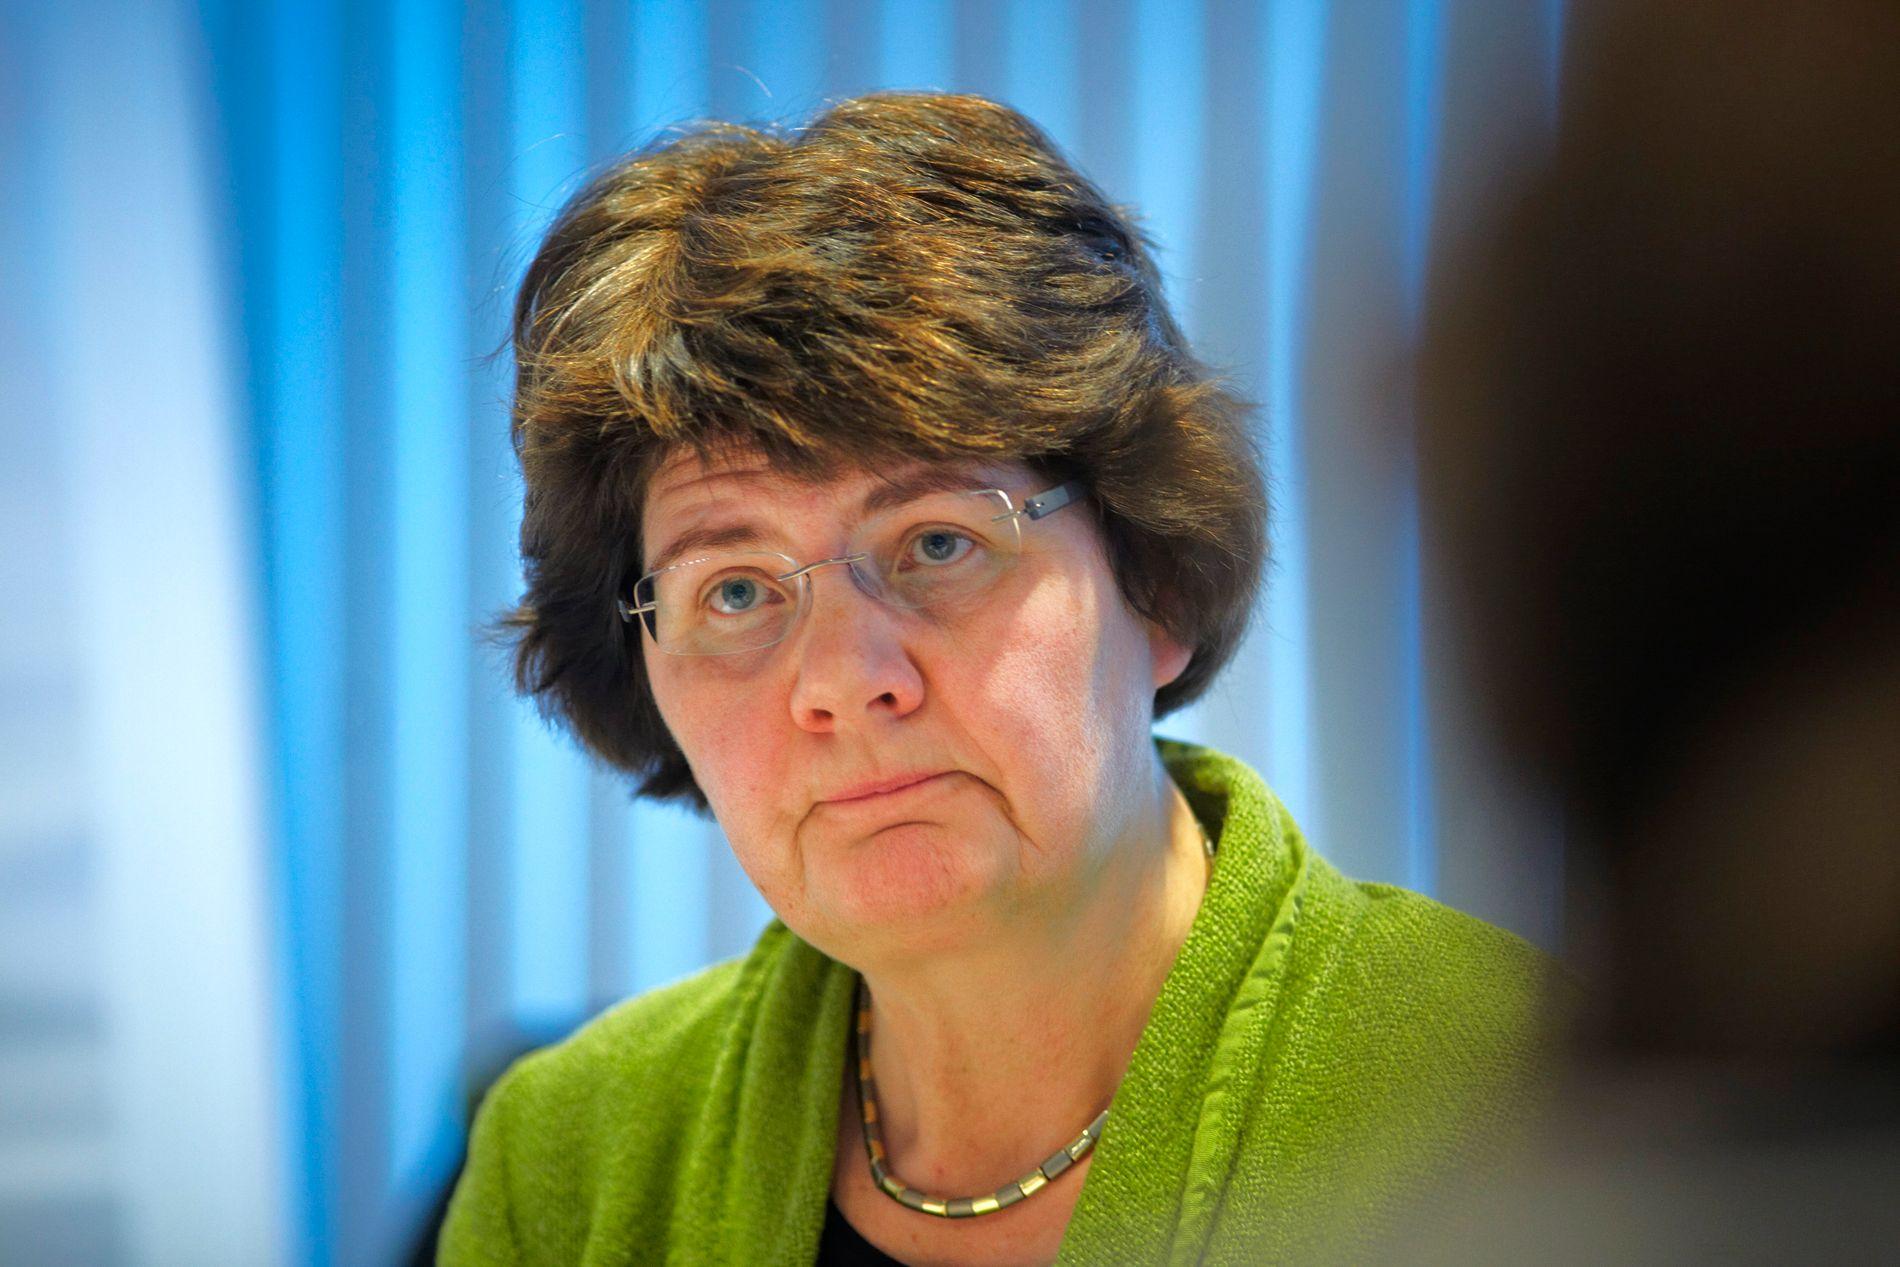 LANGVARIG KONFLIKT: Avdelingsdirektør Ragnhild Røed har sagt til VG at det har vært viktig for henne å legge til rette for godt arbeidsmiljø.